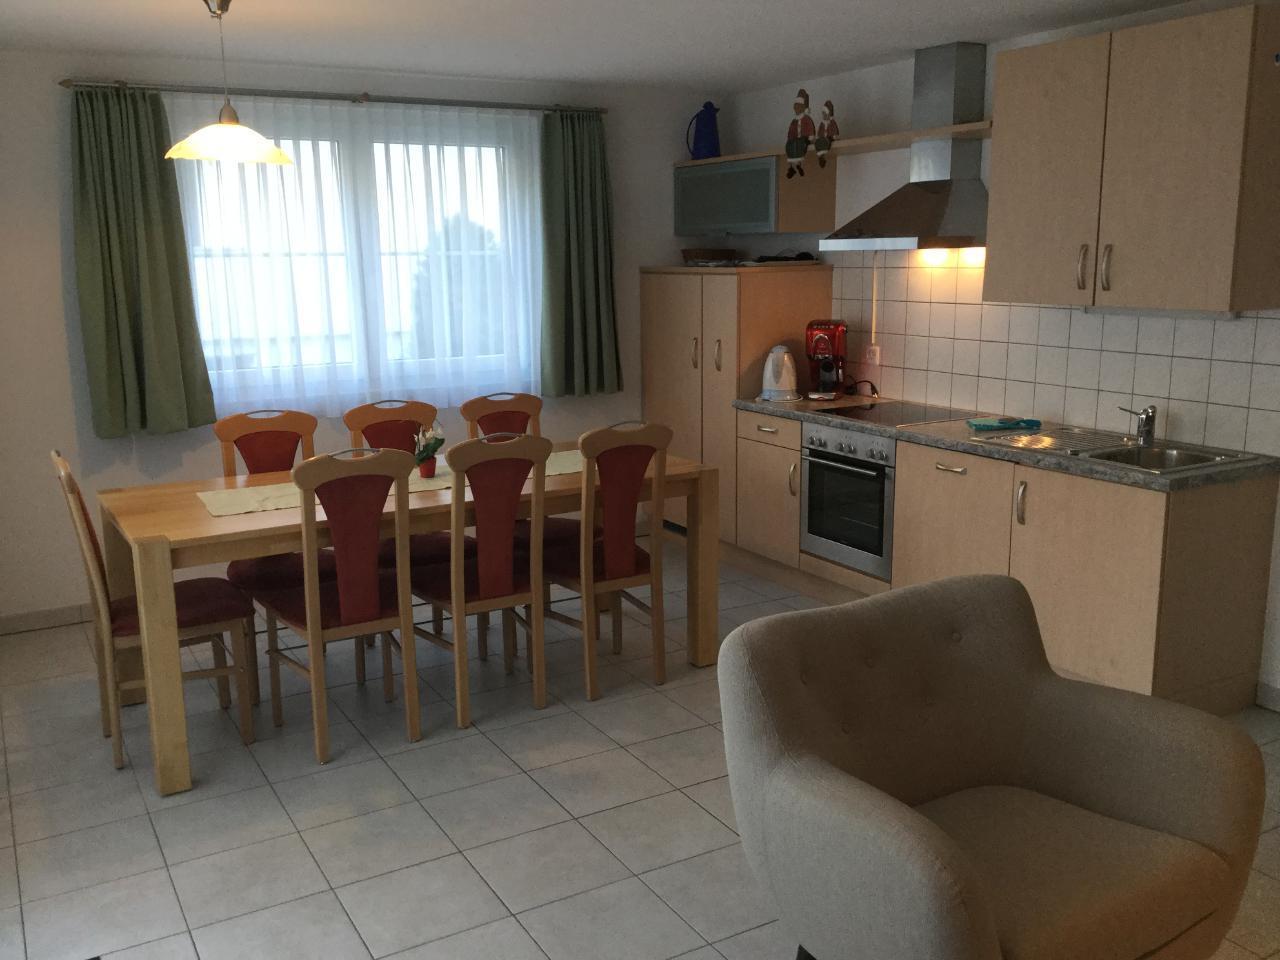 Ferienwohnung für 2 - 5 Personen mit zwei getrennten Schlafzimmern (692149), Saas Almagell, Saastal, Wallis, Schweiz, Bild 8